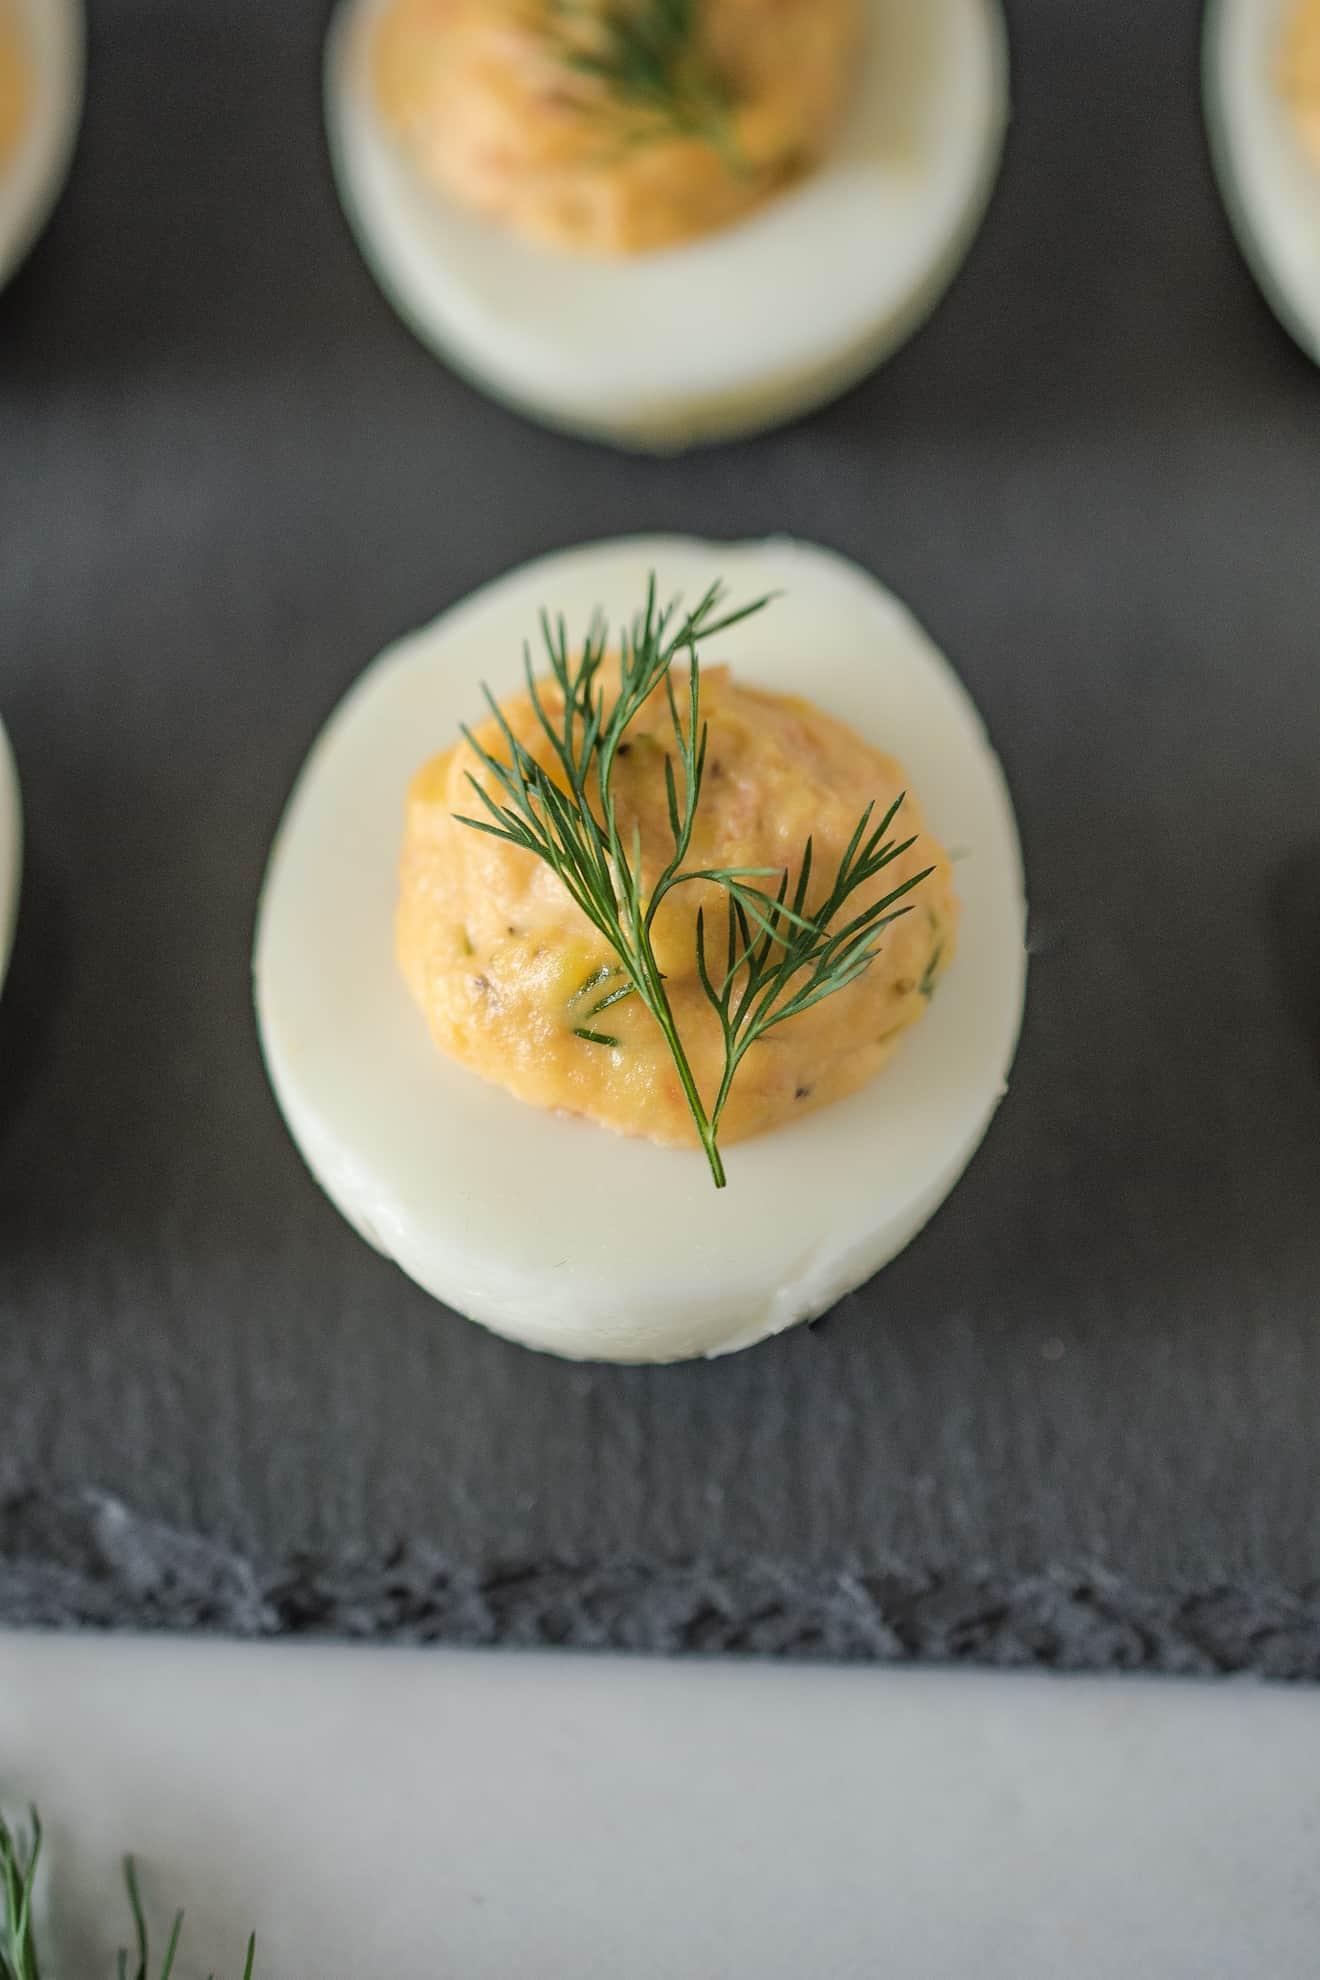 A closeup of a deviled eggs